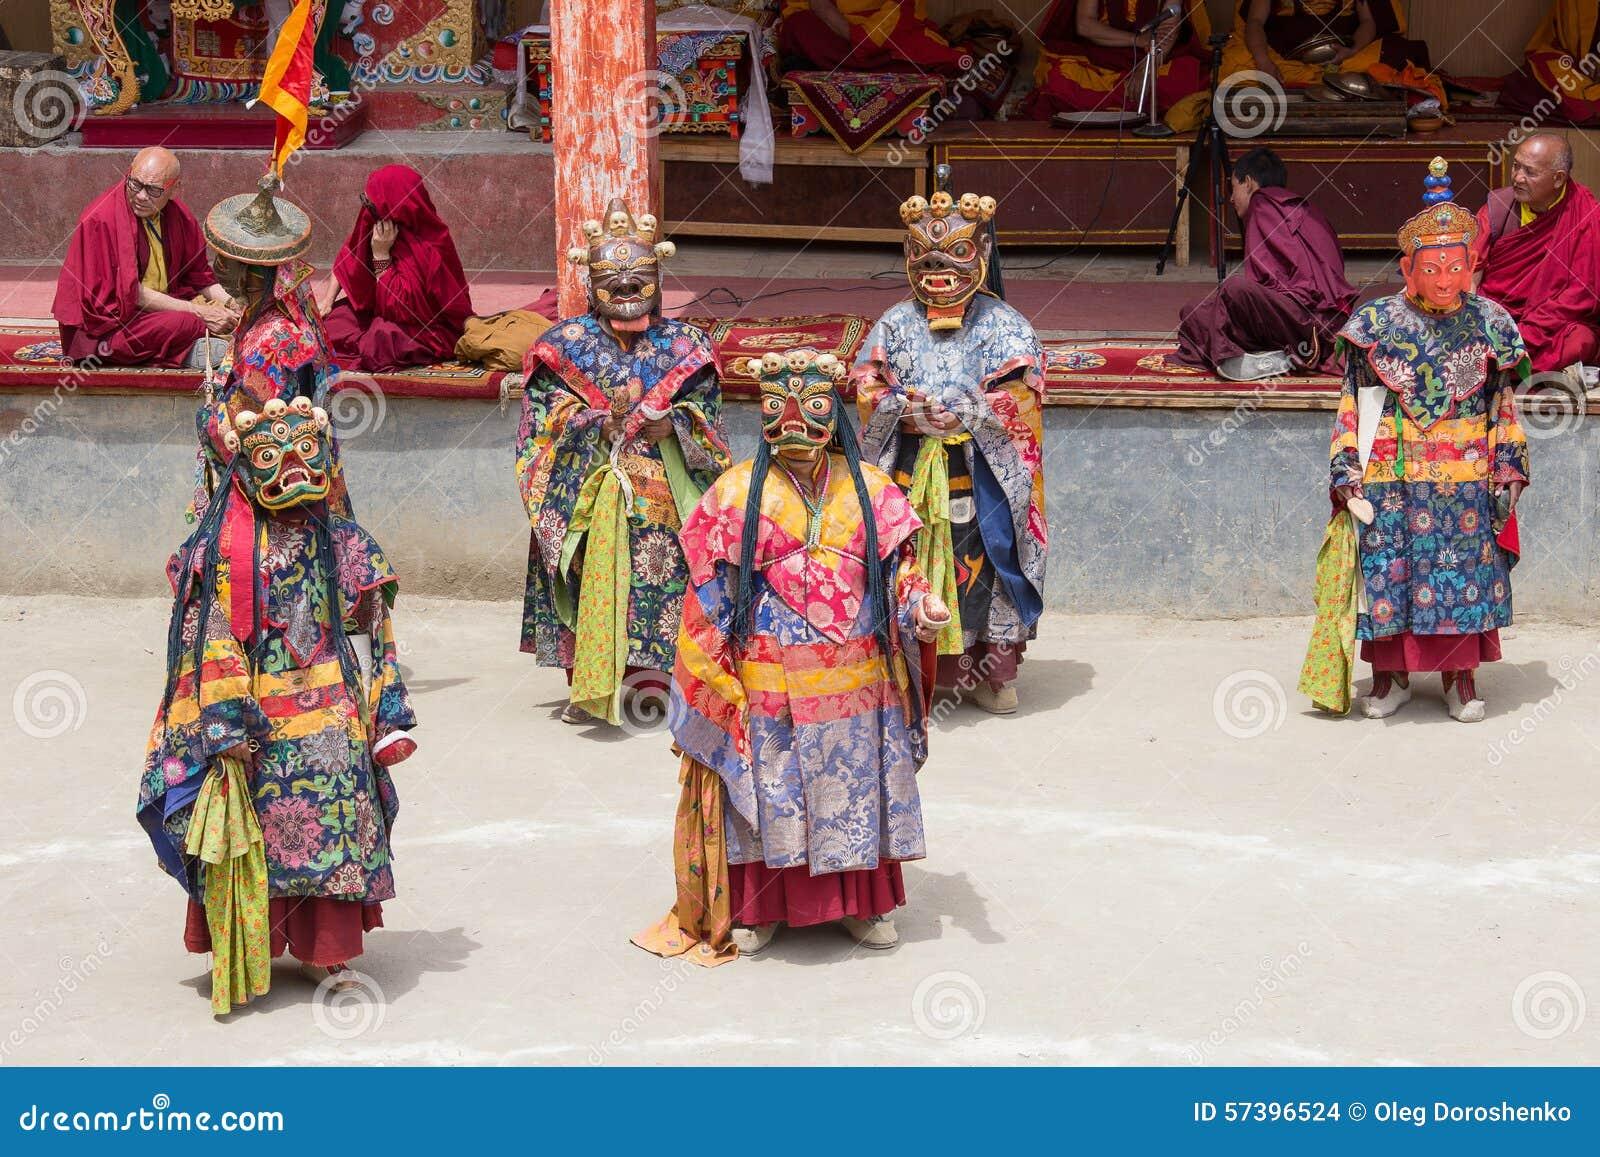 De Tibetaanse Boeddhistische lama s voeren een rituele dans in het klooster van Lamayuru, Ladakh, India uit